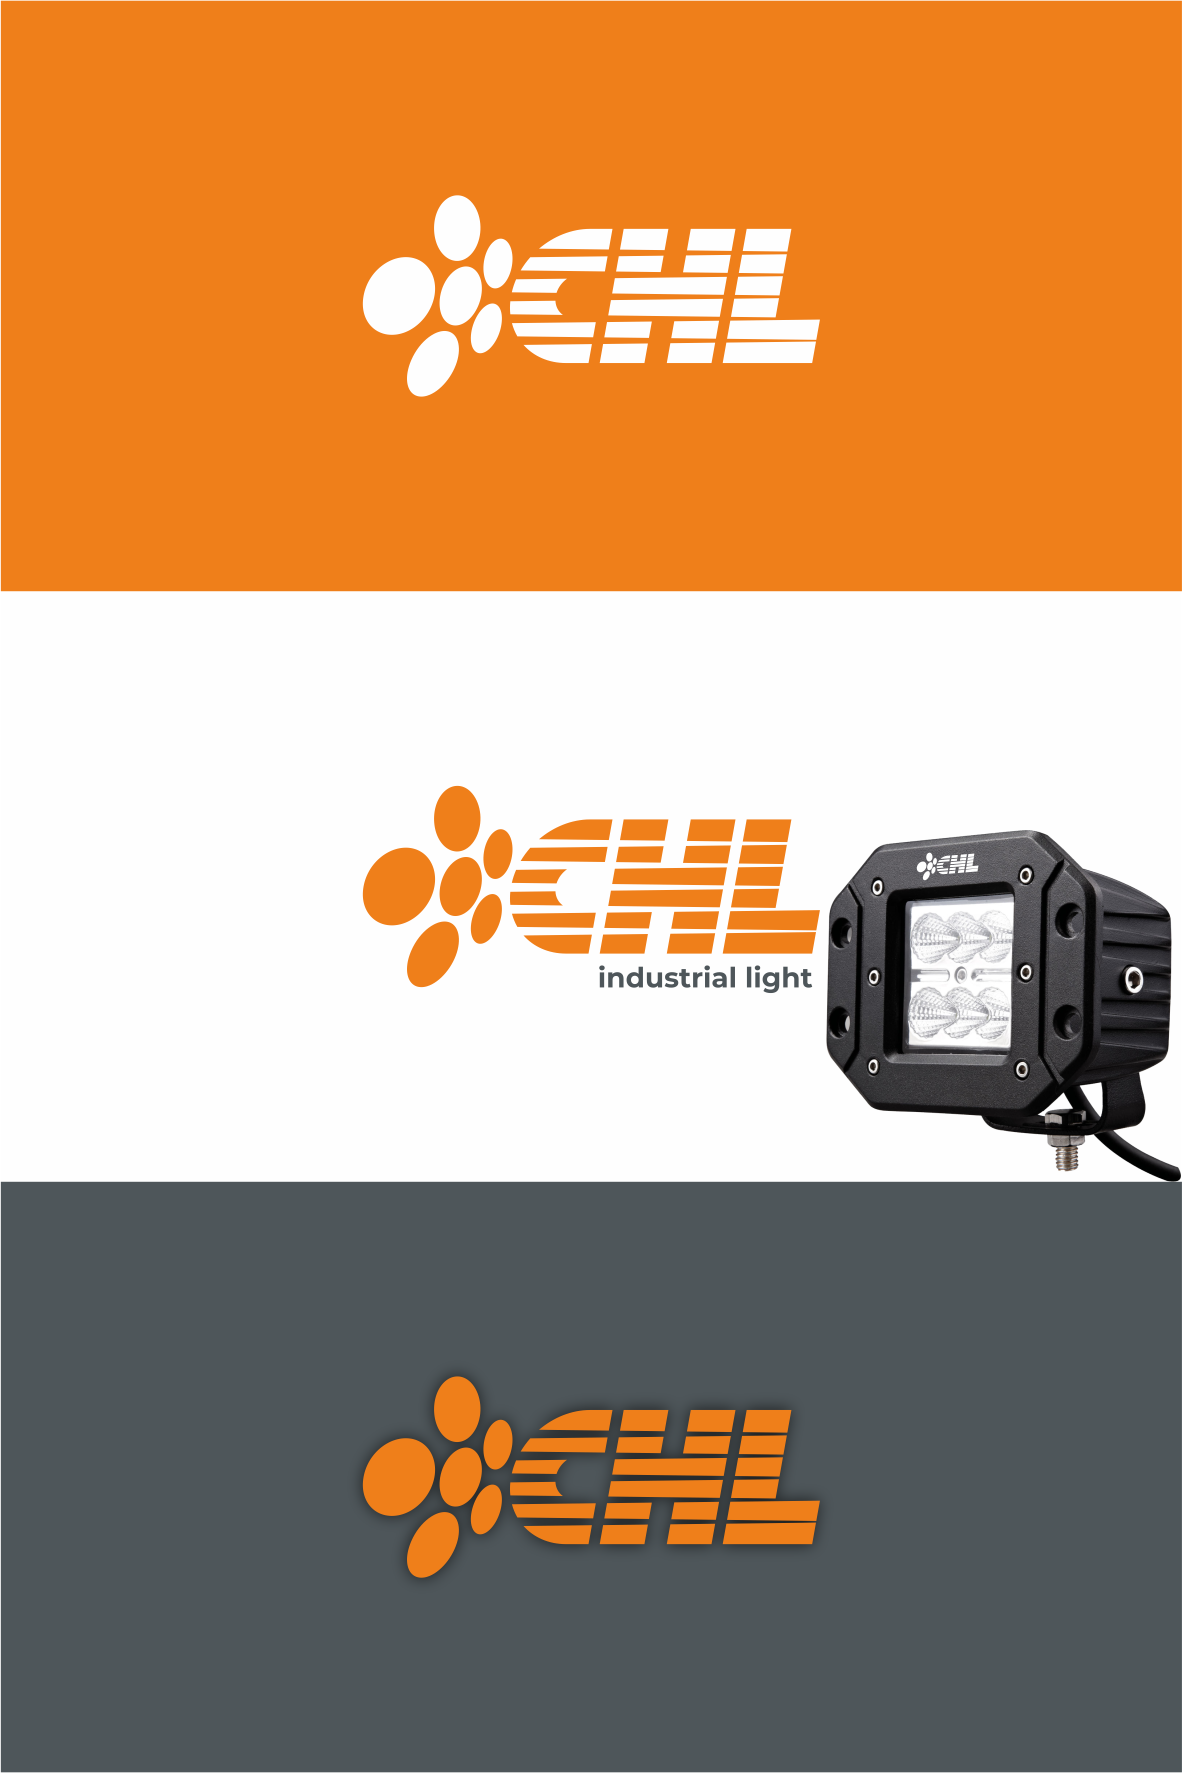 разработка логотипа для производителя фар фото f_1405f5f4d3a898c4.png